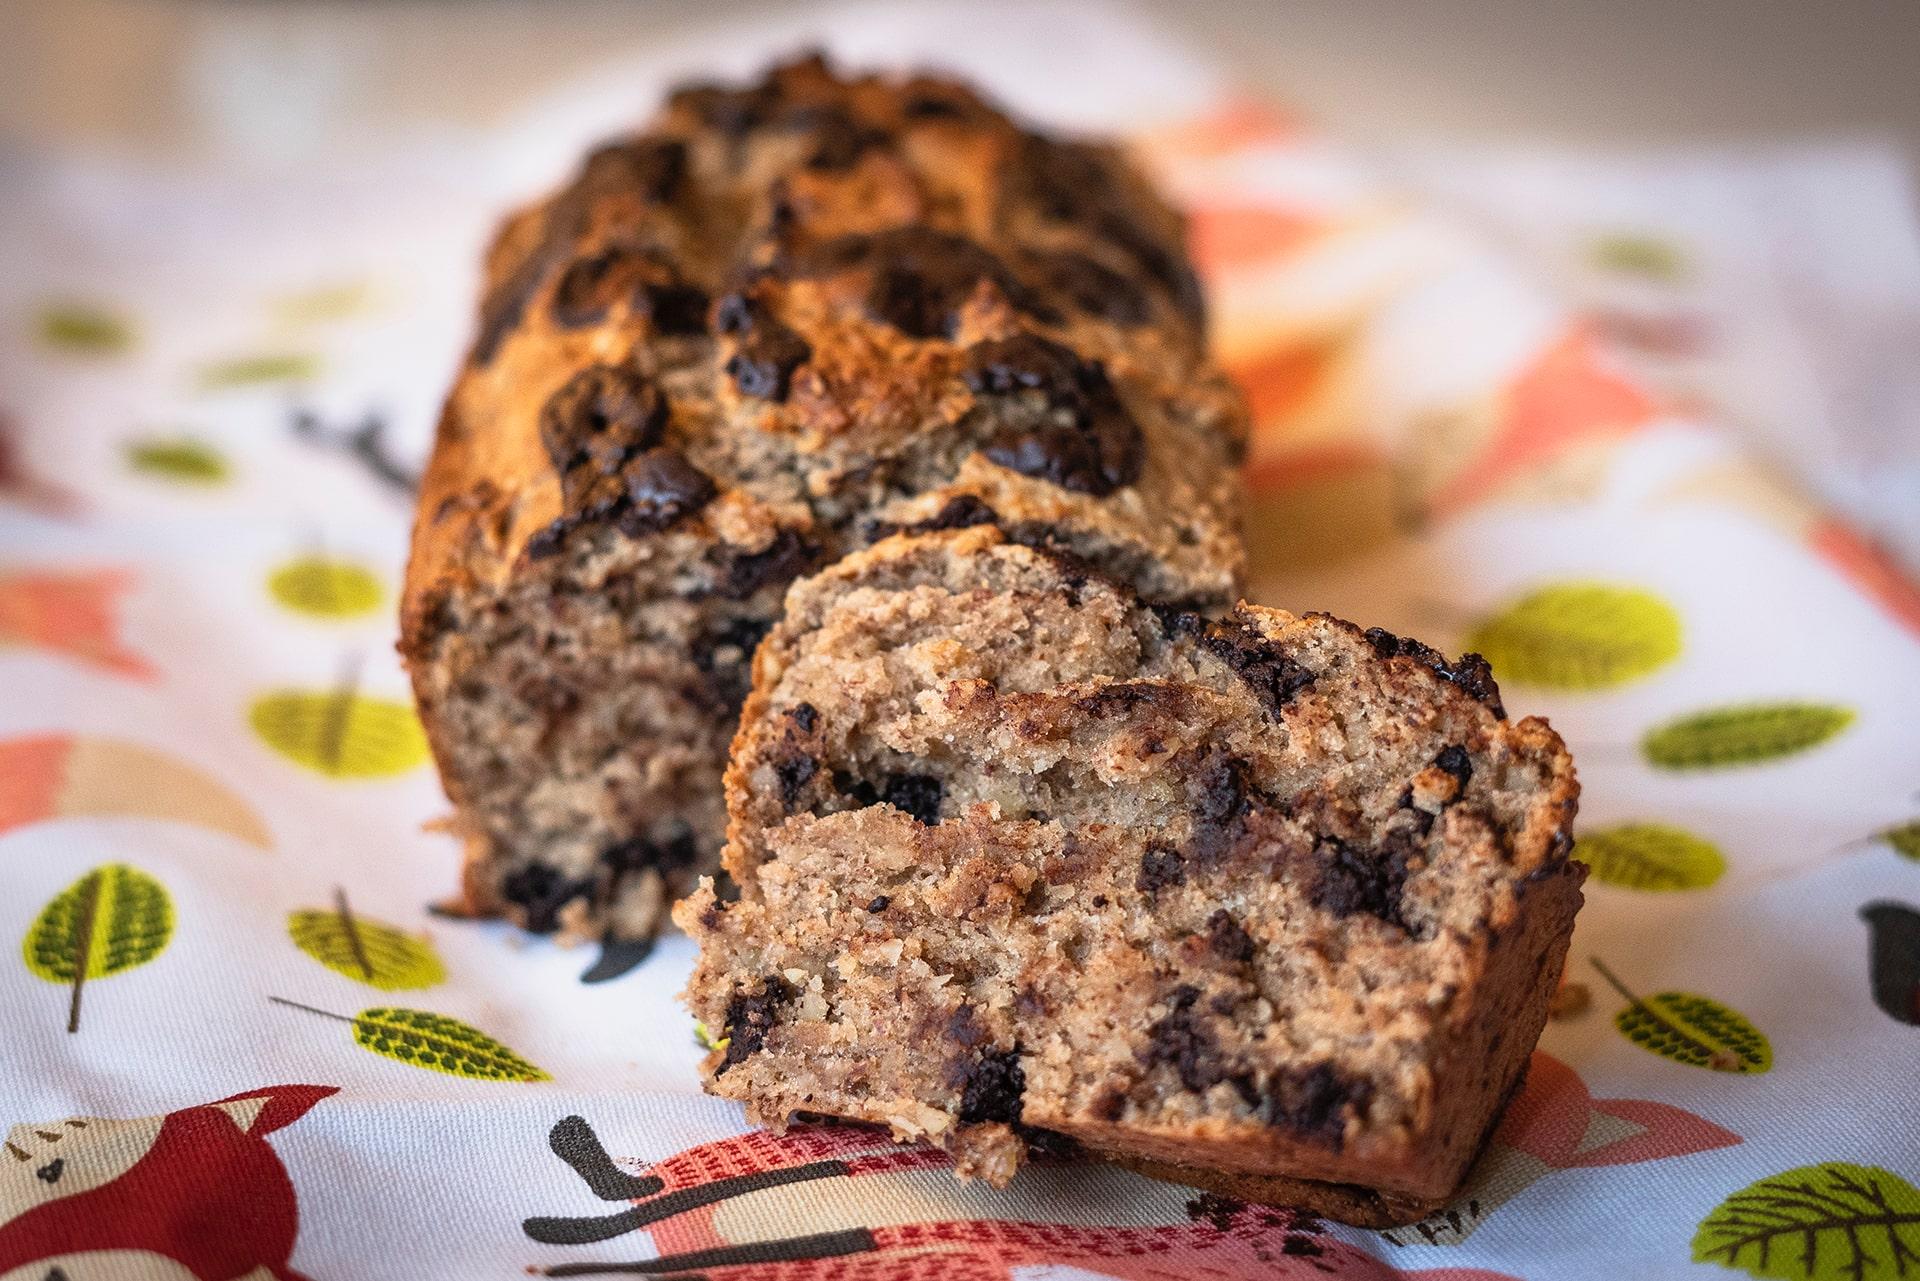 Blog Lifestyle - La recette du banana bread végan - Suivre sa Joie - Saskia Parein